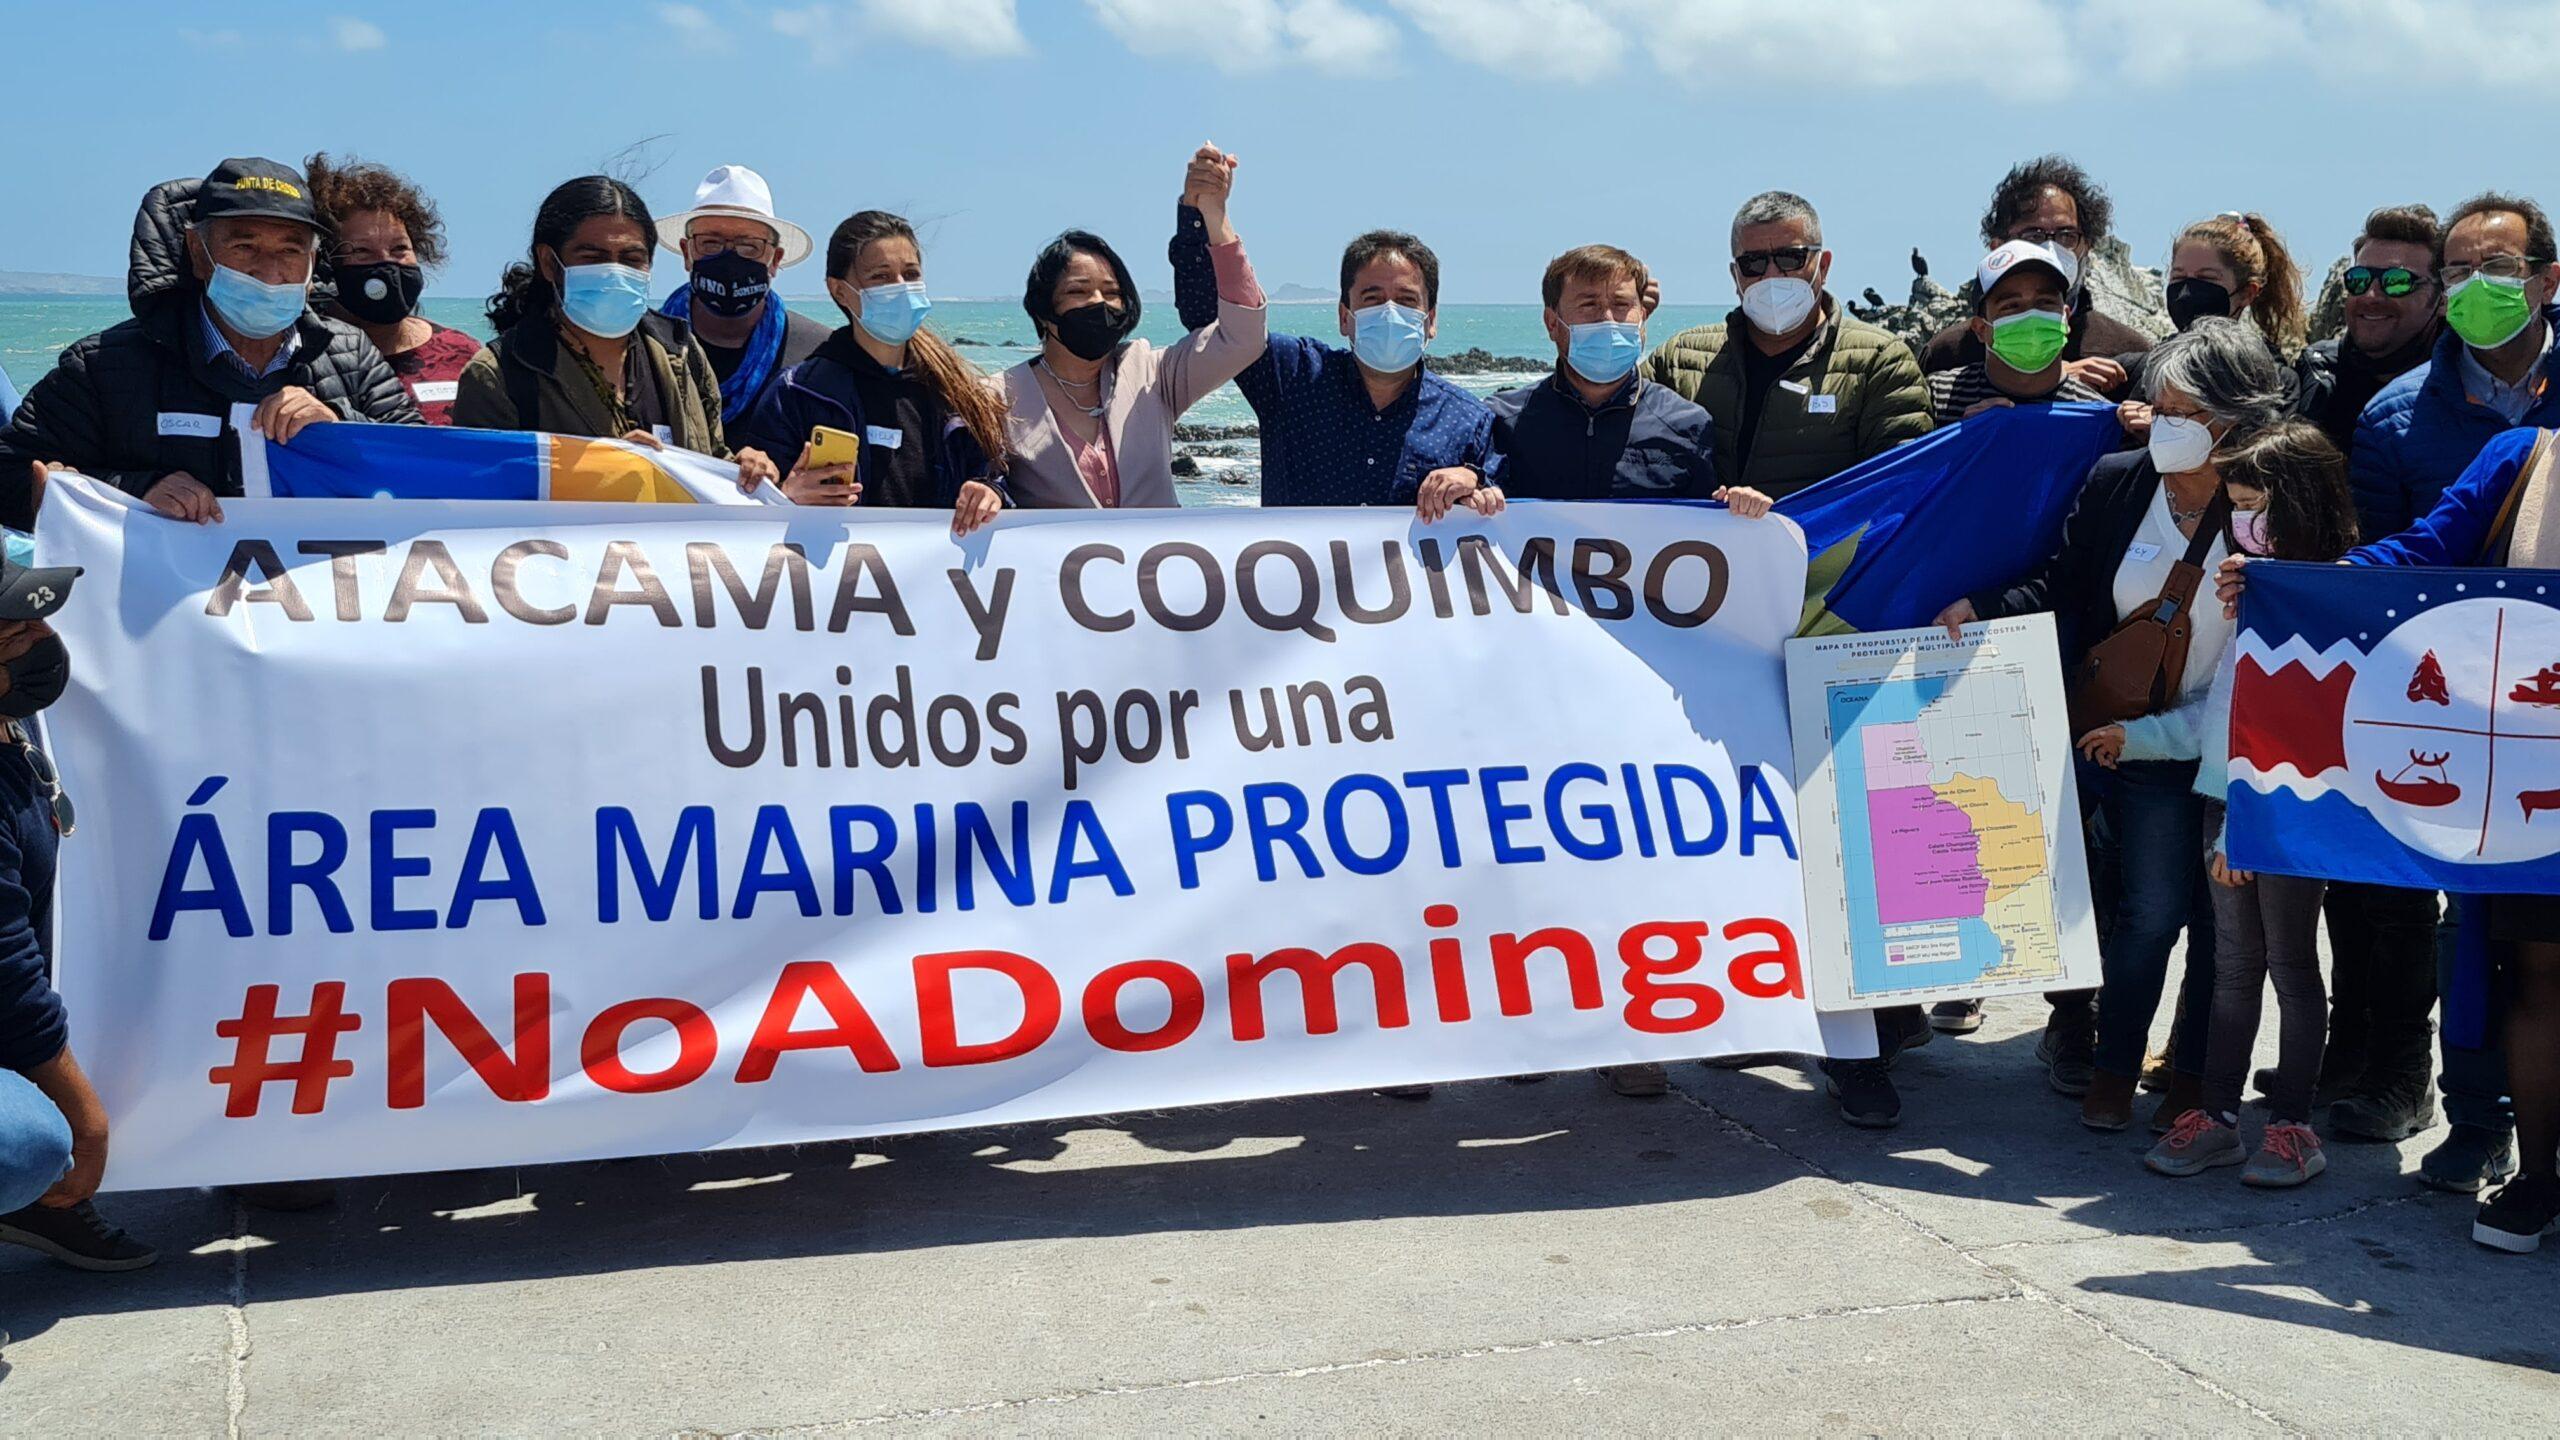 Coquimbo y atacama firman convenio de colaboración para proteger Archipiélago de Humboldt